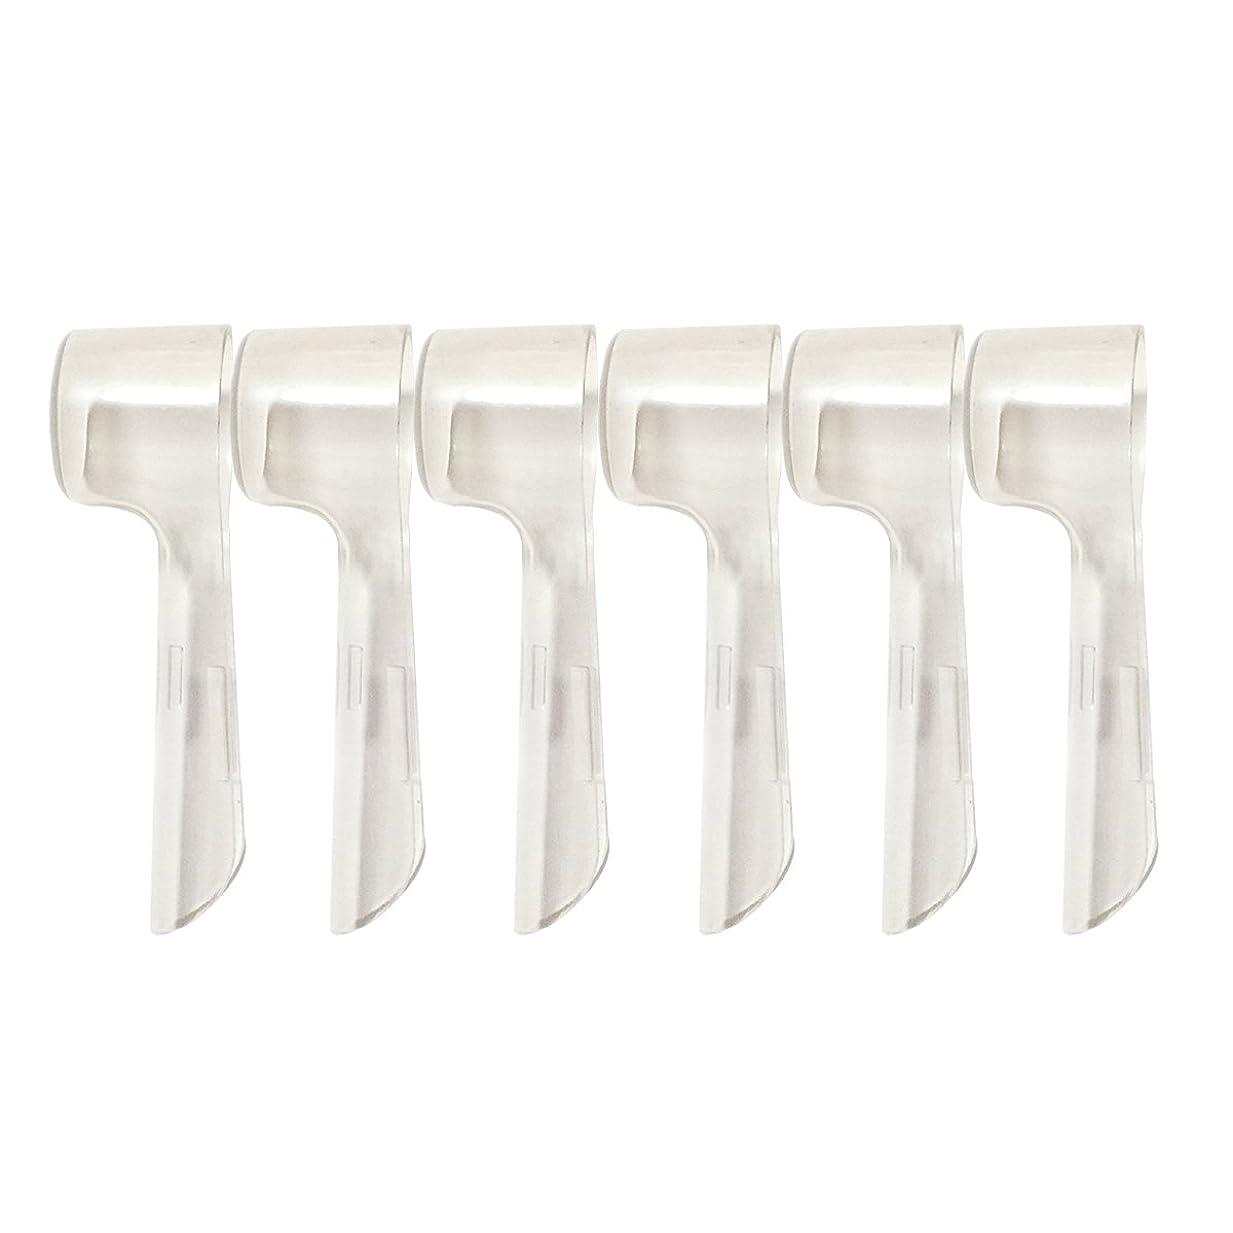 機転ハーネス共役SUPVOX 旅行のために便利な電動歯ブラシのための12本の歯ブラシのヘッドカバー